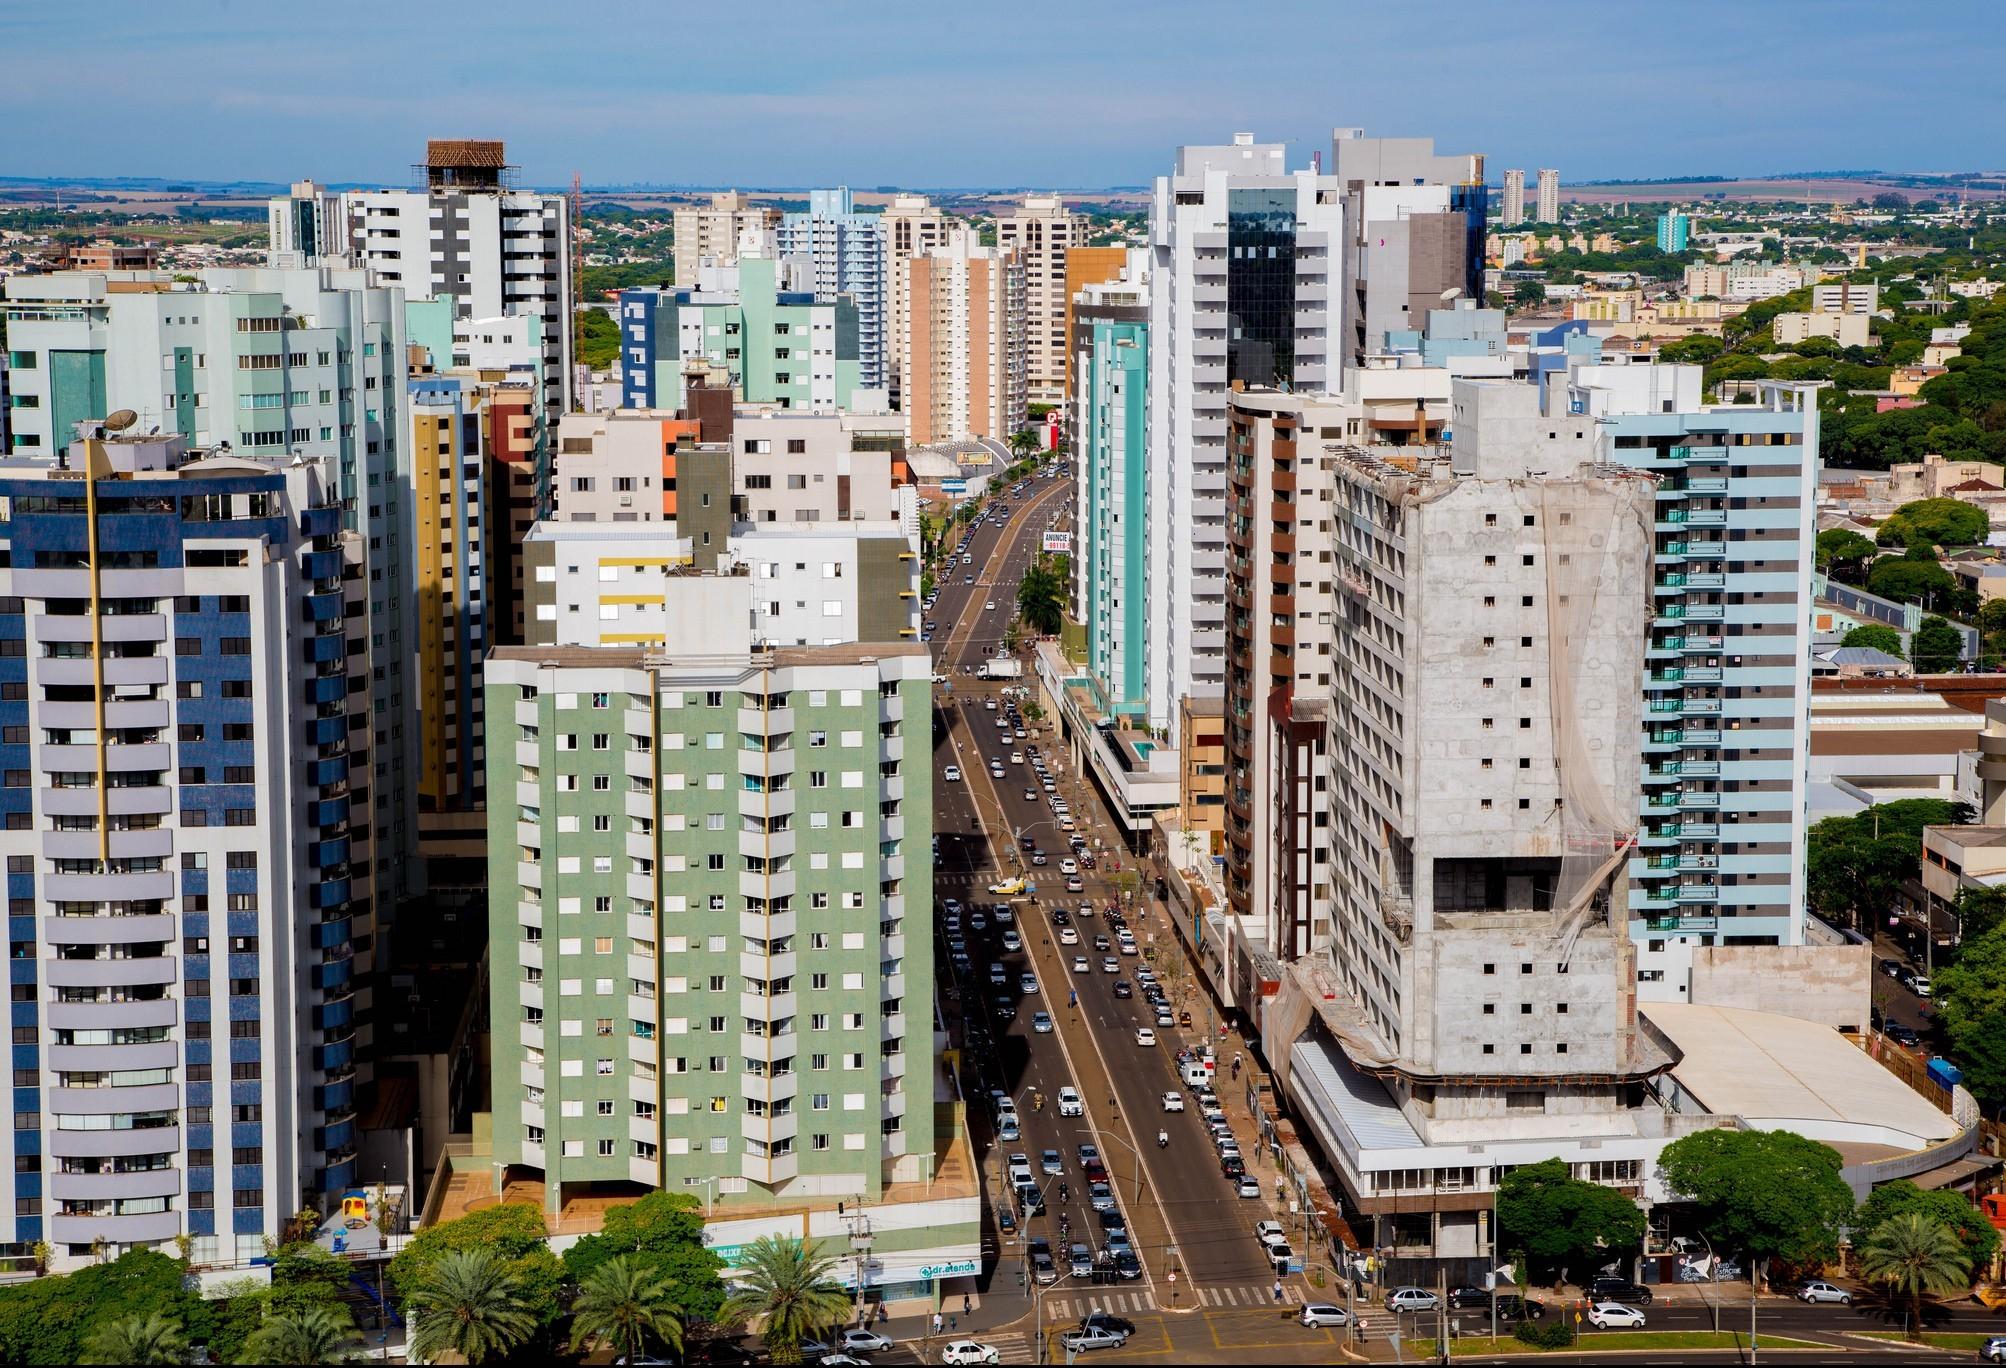 Planejamento econômico é uma forte característica de Maringá